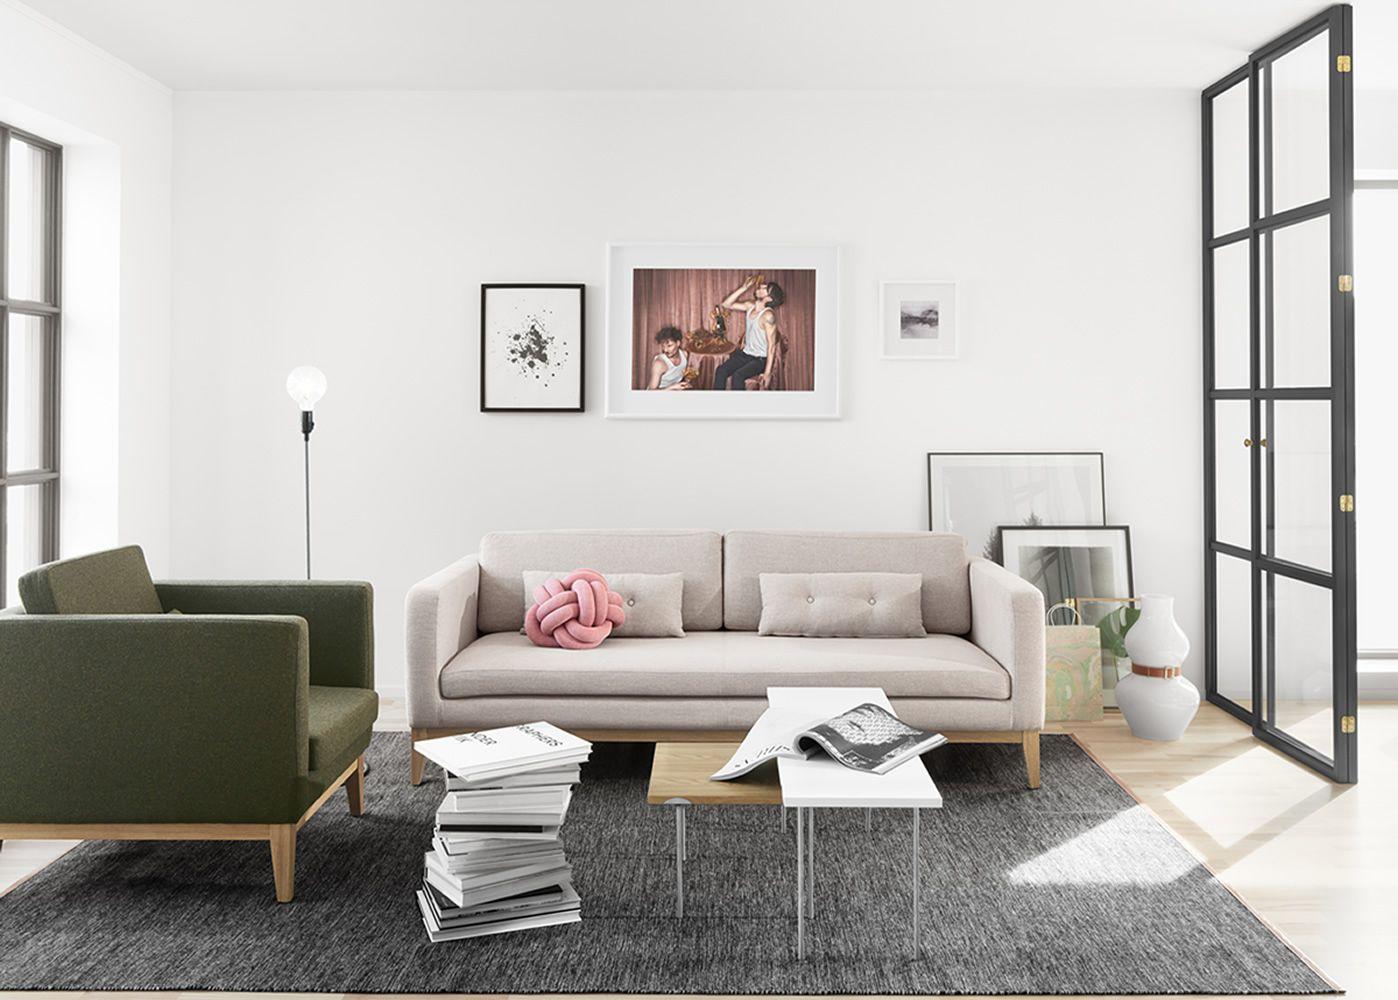 Divano Poltrona Scoop Imbottito Tessuto : Day divano con struttura e piedi in legno imbottito